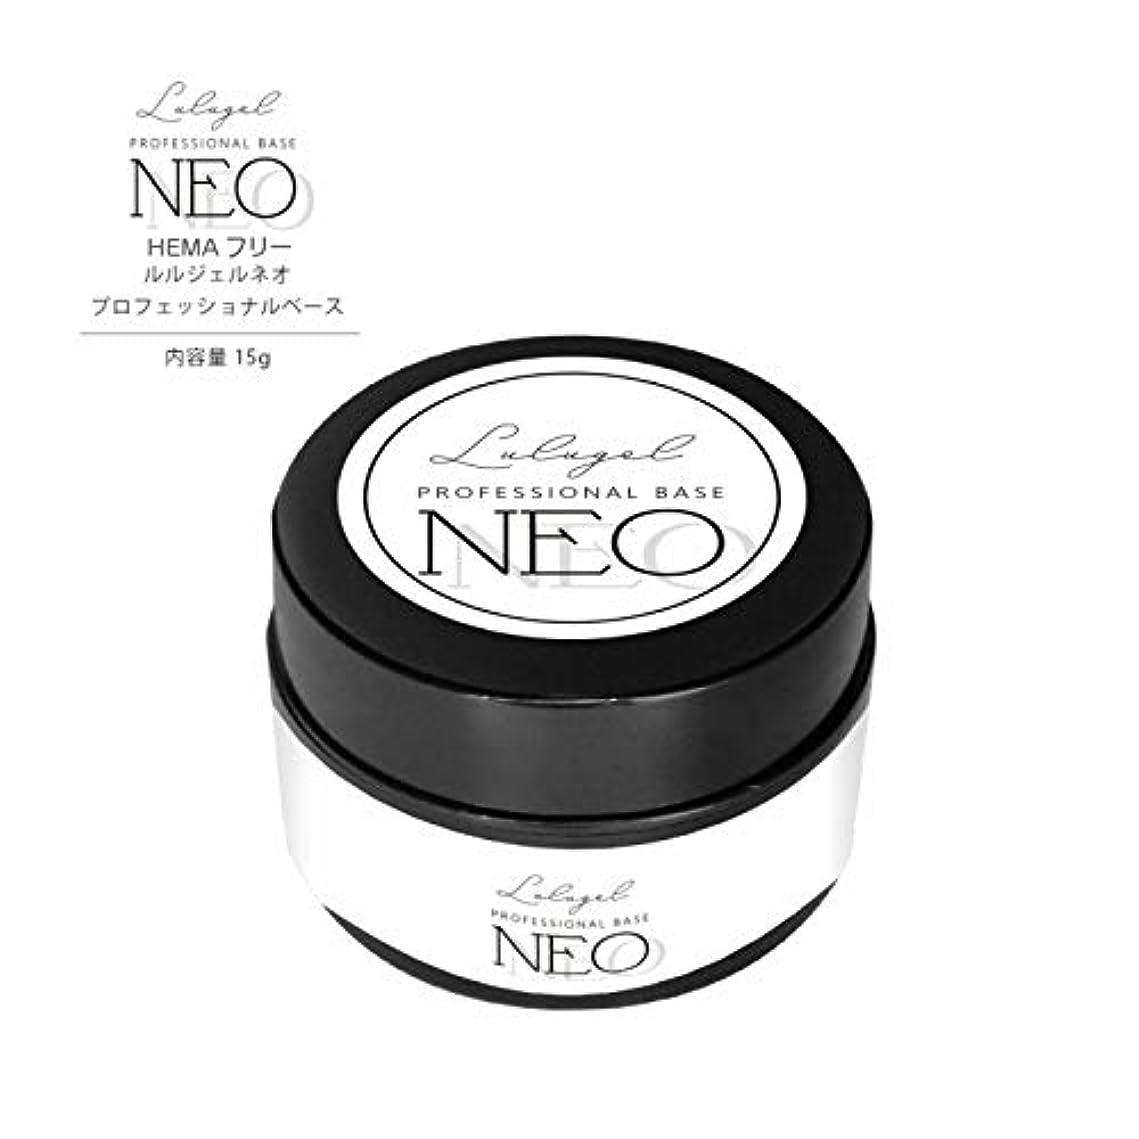 労働独占未使用最新 ジェルネイル LULUGEL NEO プロフェッショナル ベース 15g 爪用化粧料